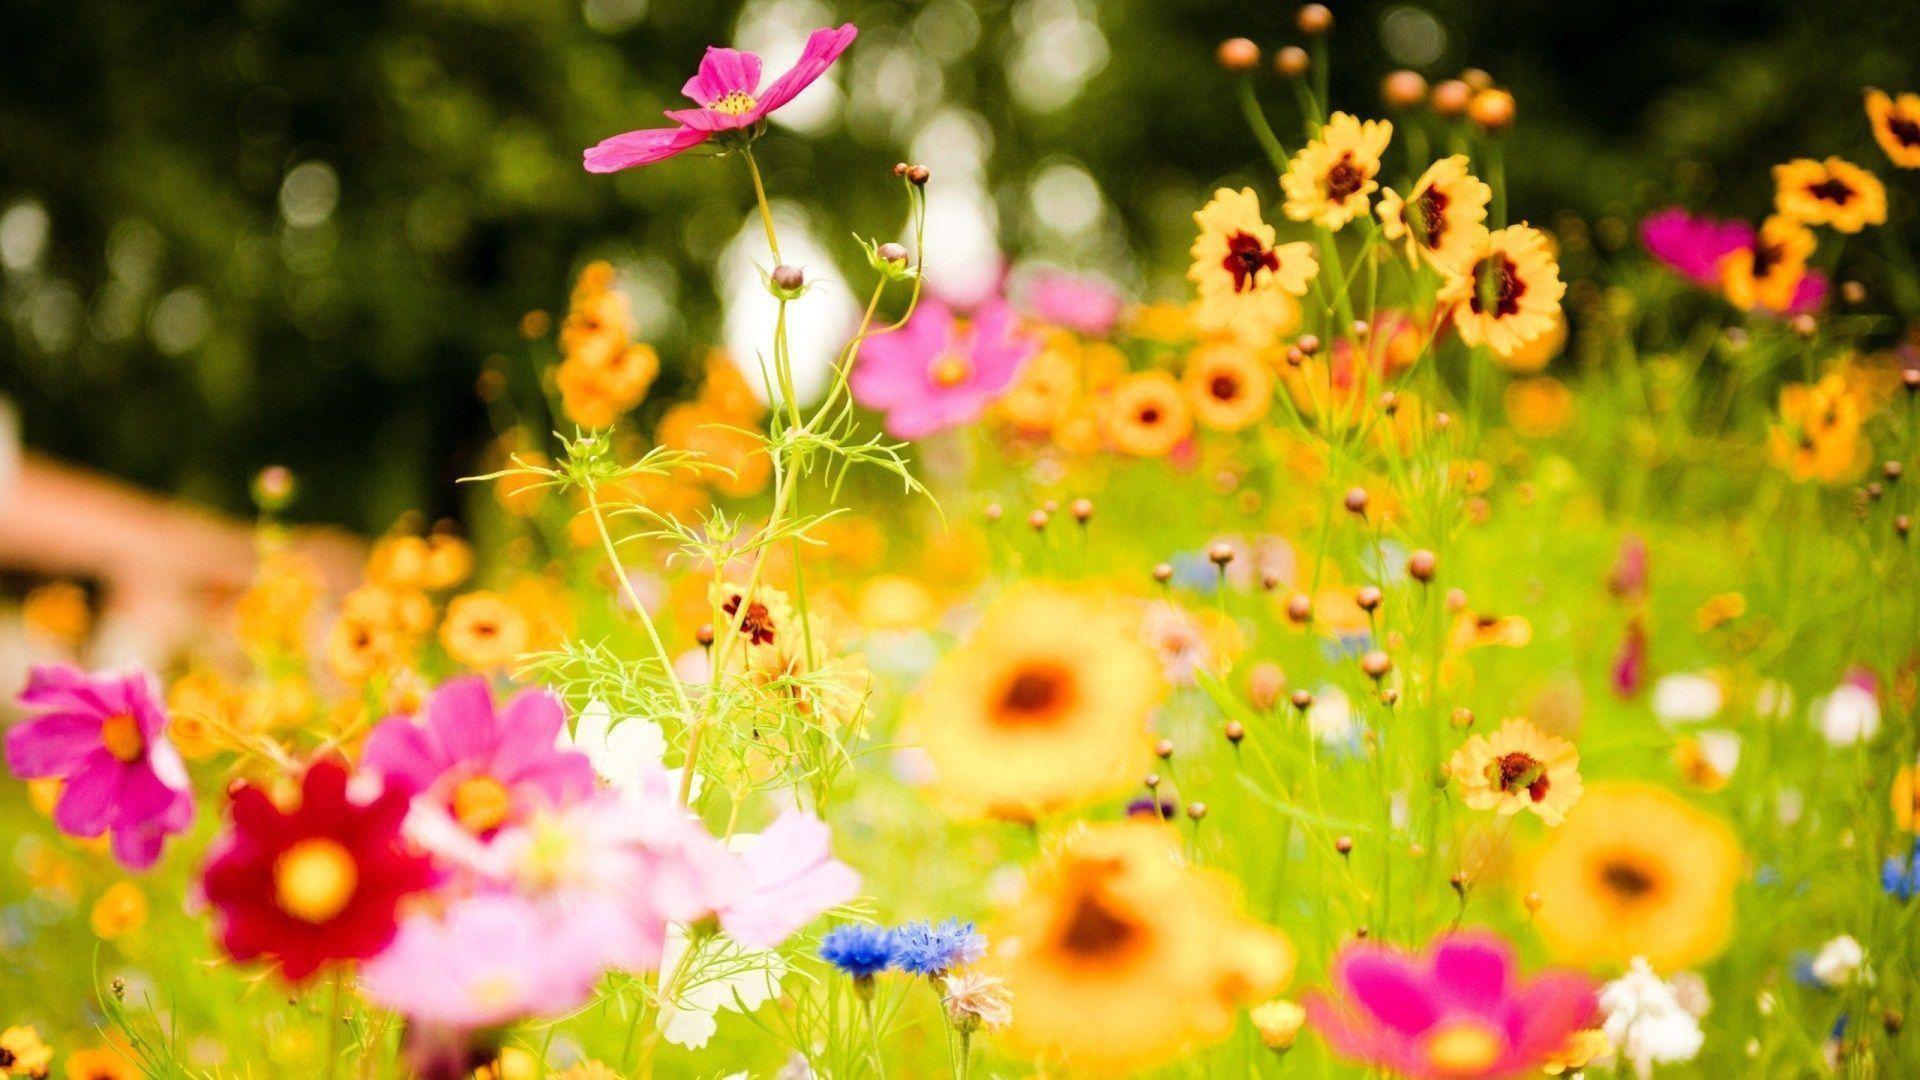 1920x1080, Field Of Yellow Flowers Wallpaper Hd - Summer Flowers - HD Wallpaper